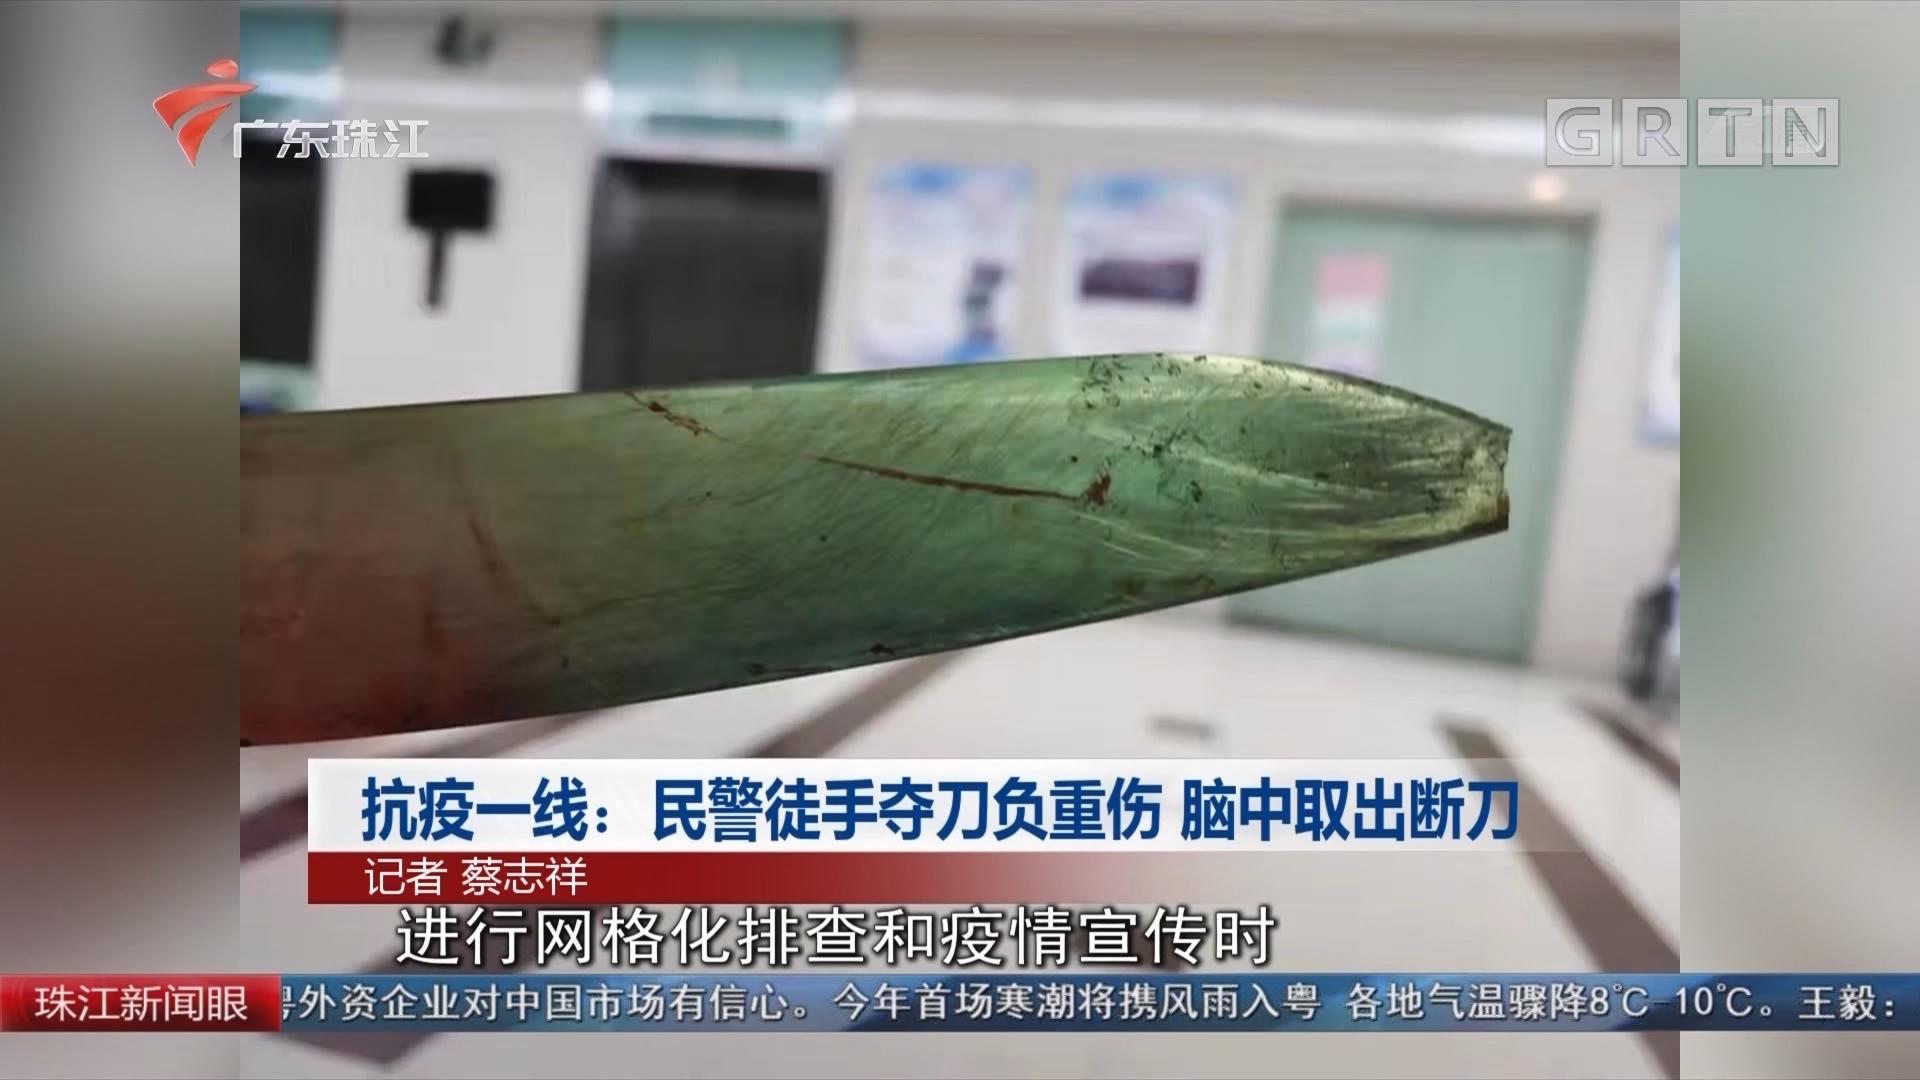 抗疫一线:民警徒手夺刀负重伤 脑中取出断力